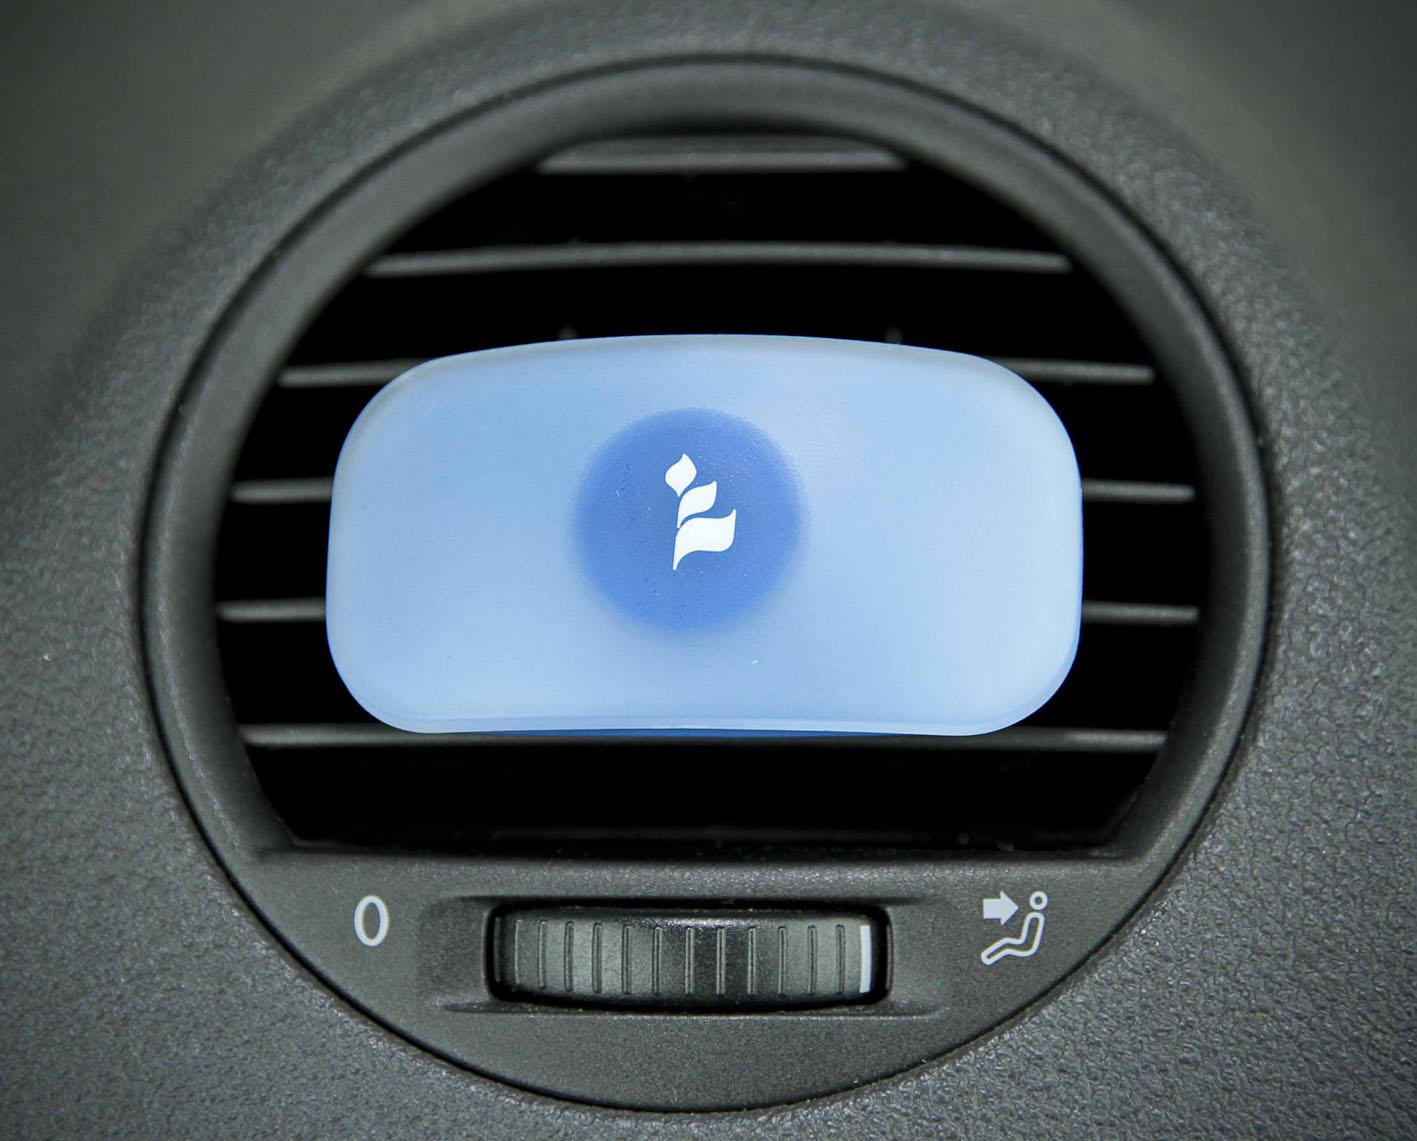 FRA-BER: il profumo per auto è glamour!